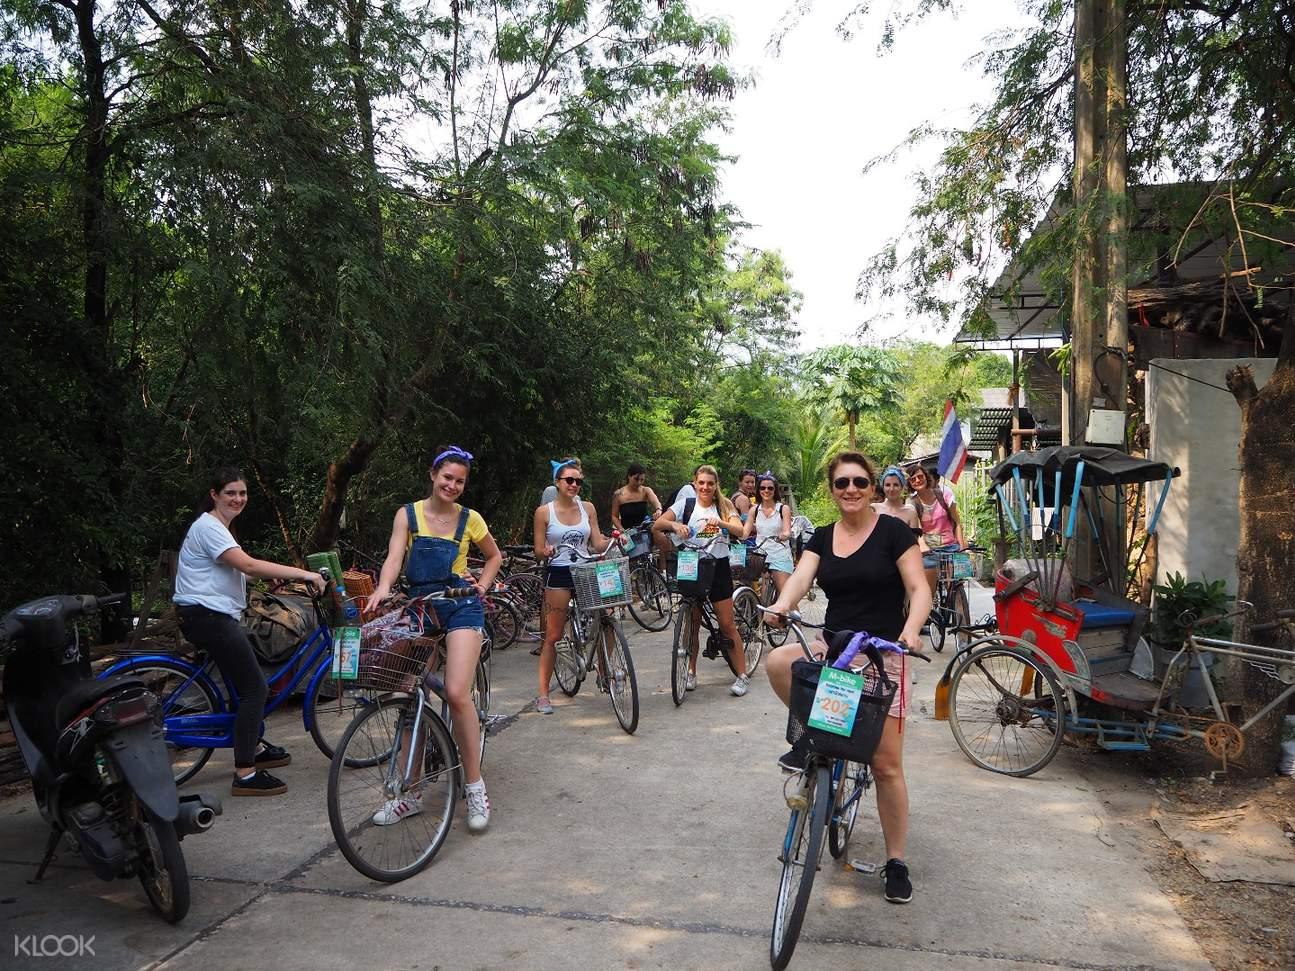 泰國曼谷街頭挑戰賽& 美食試吃體驗(含騎行之旅)